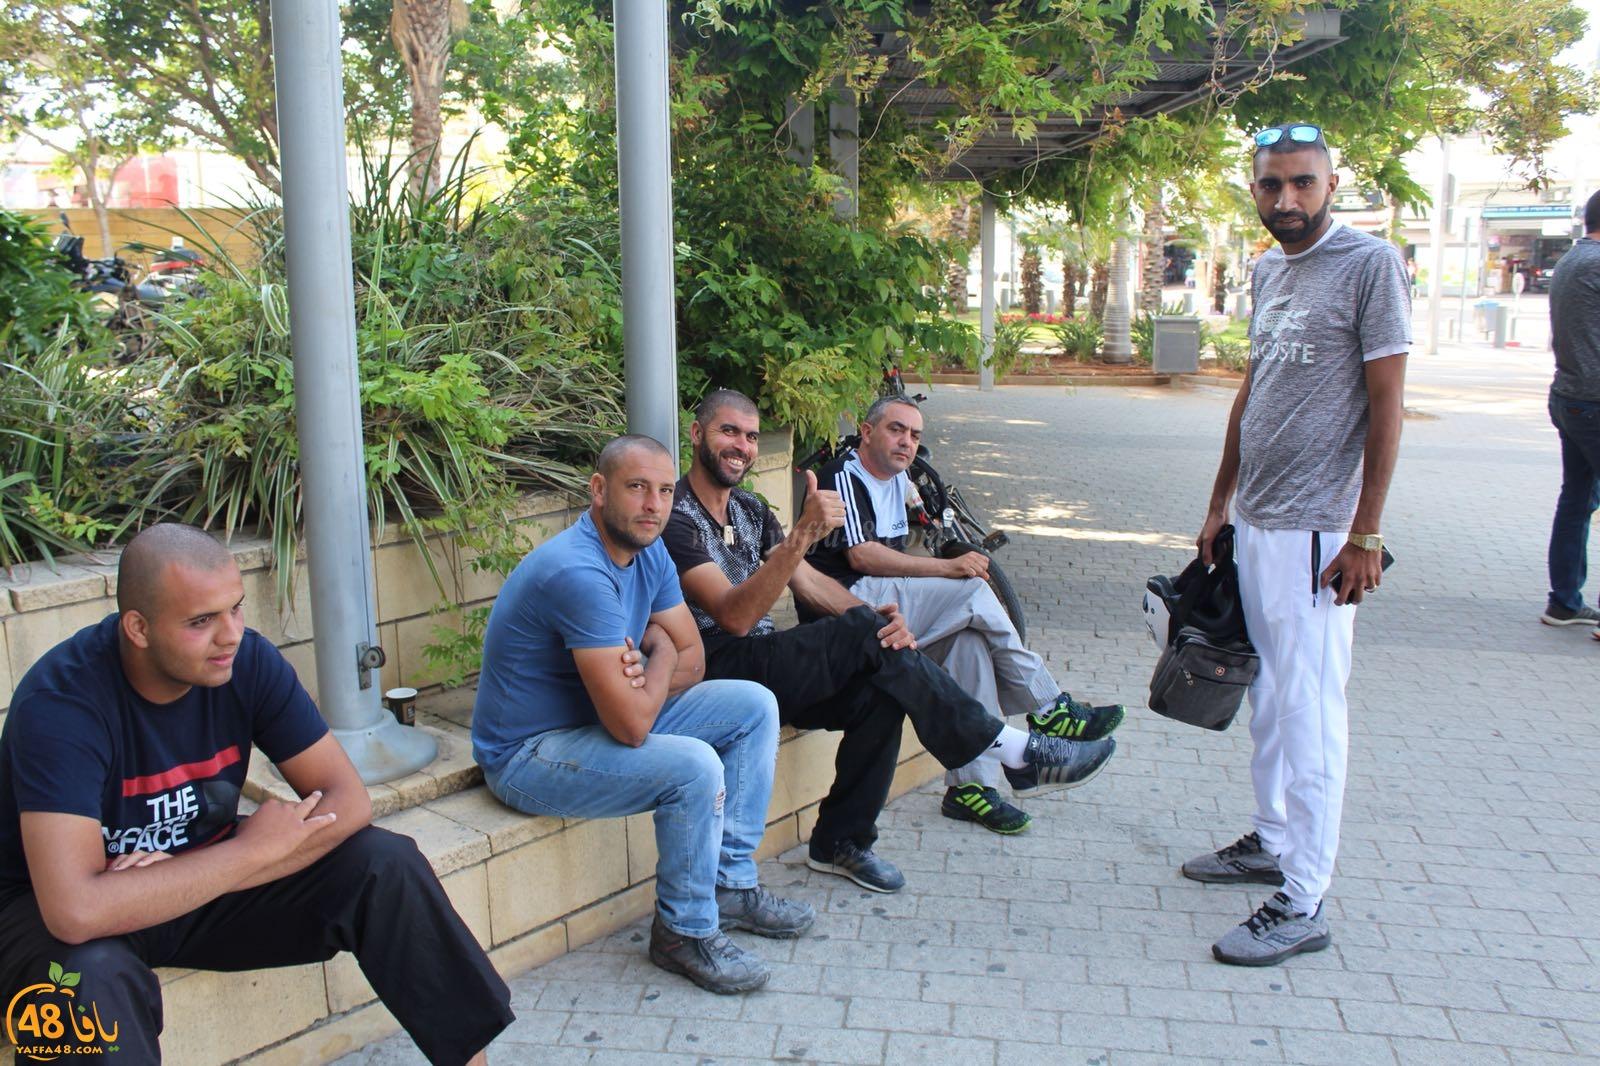 أهالي مدينة يافا يطالبون الشرطة بإطلاق سراح رئيس الهيئة الاسلامية فوراً